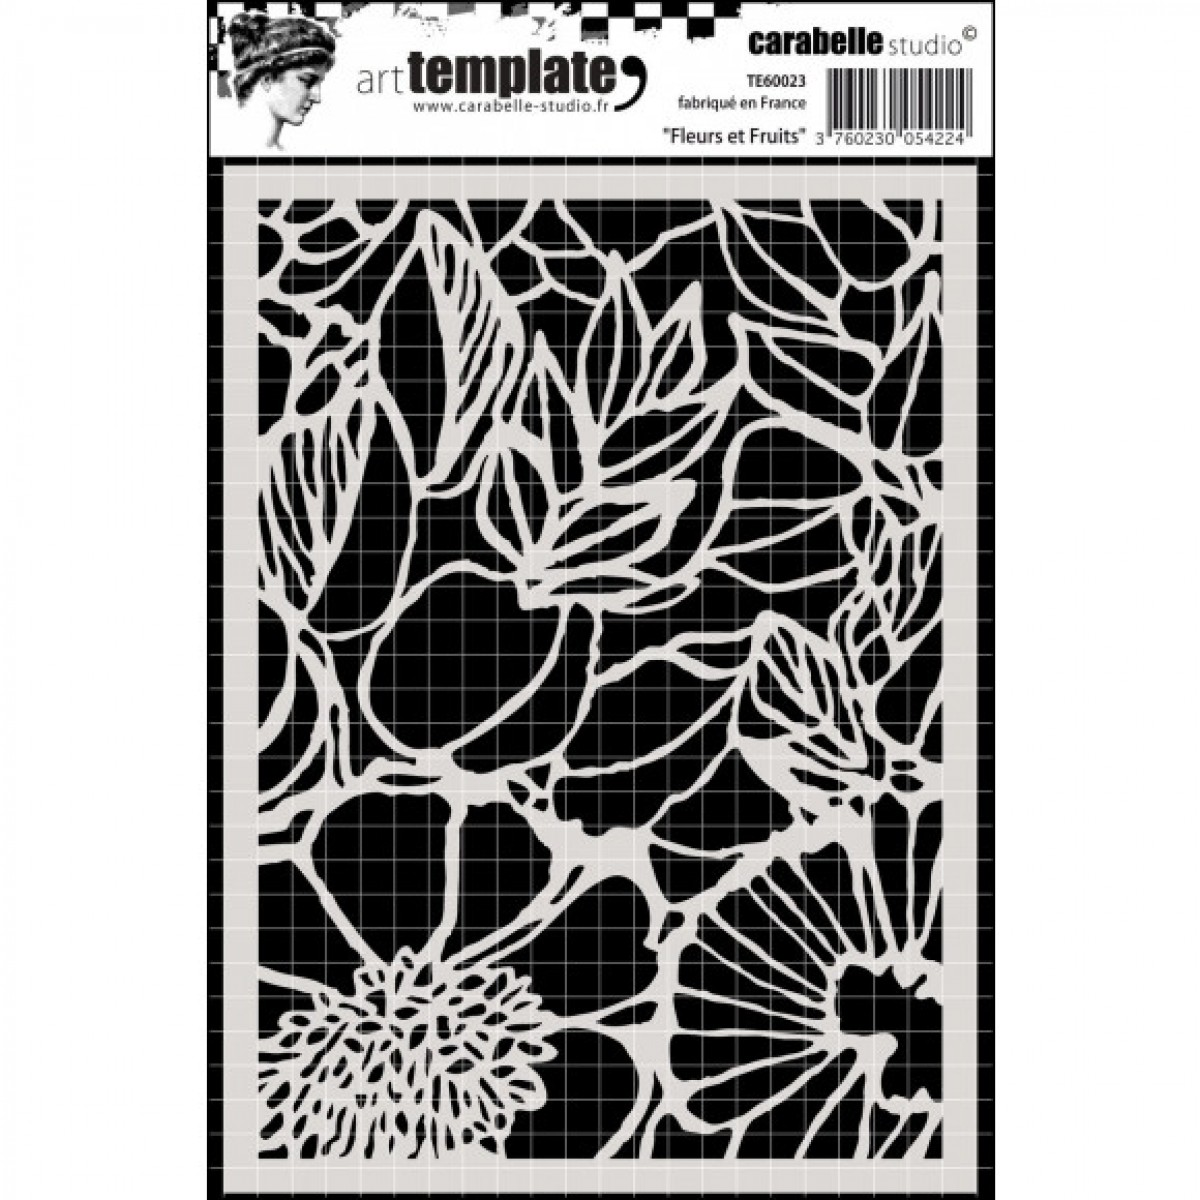 Stencil, 11x15, Fleurs et Fruits